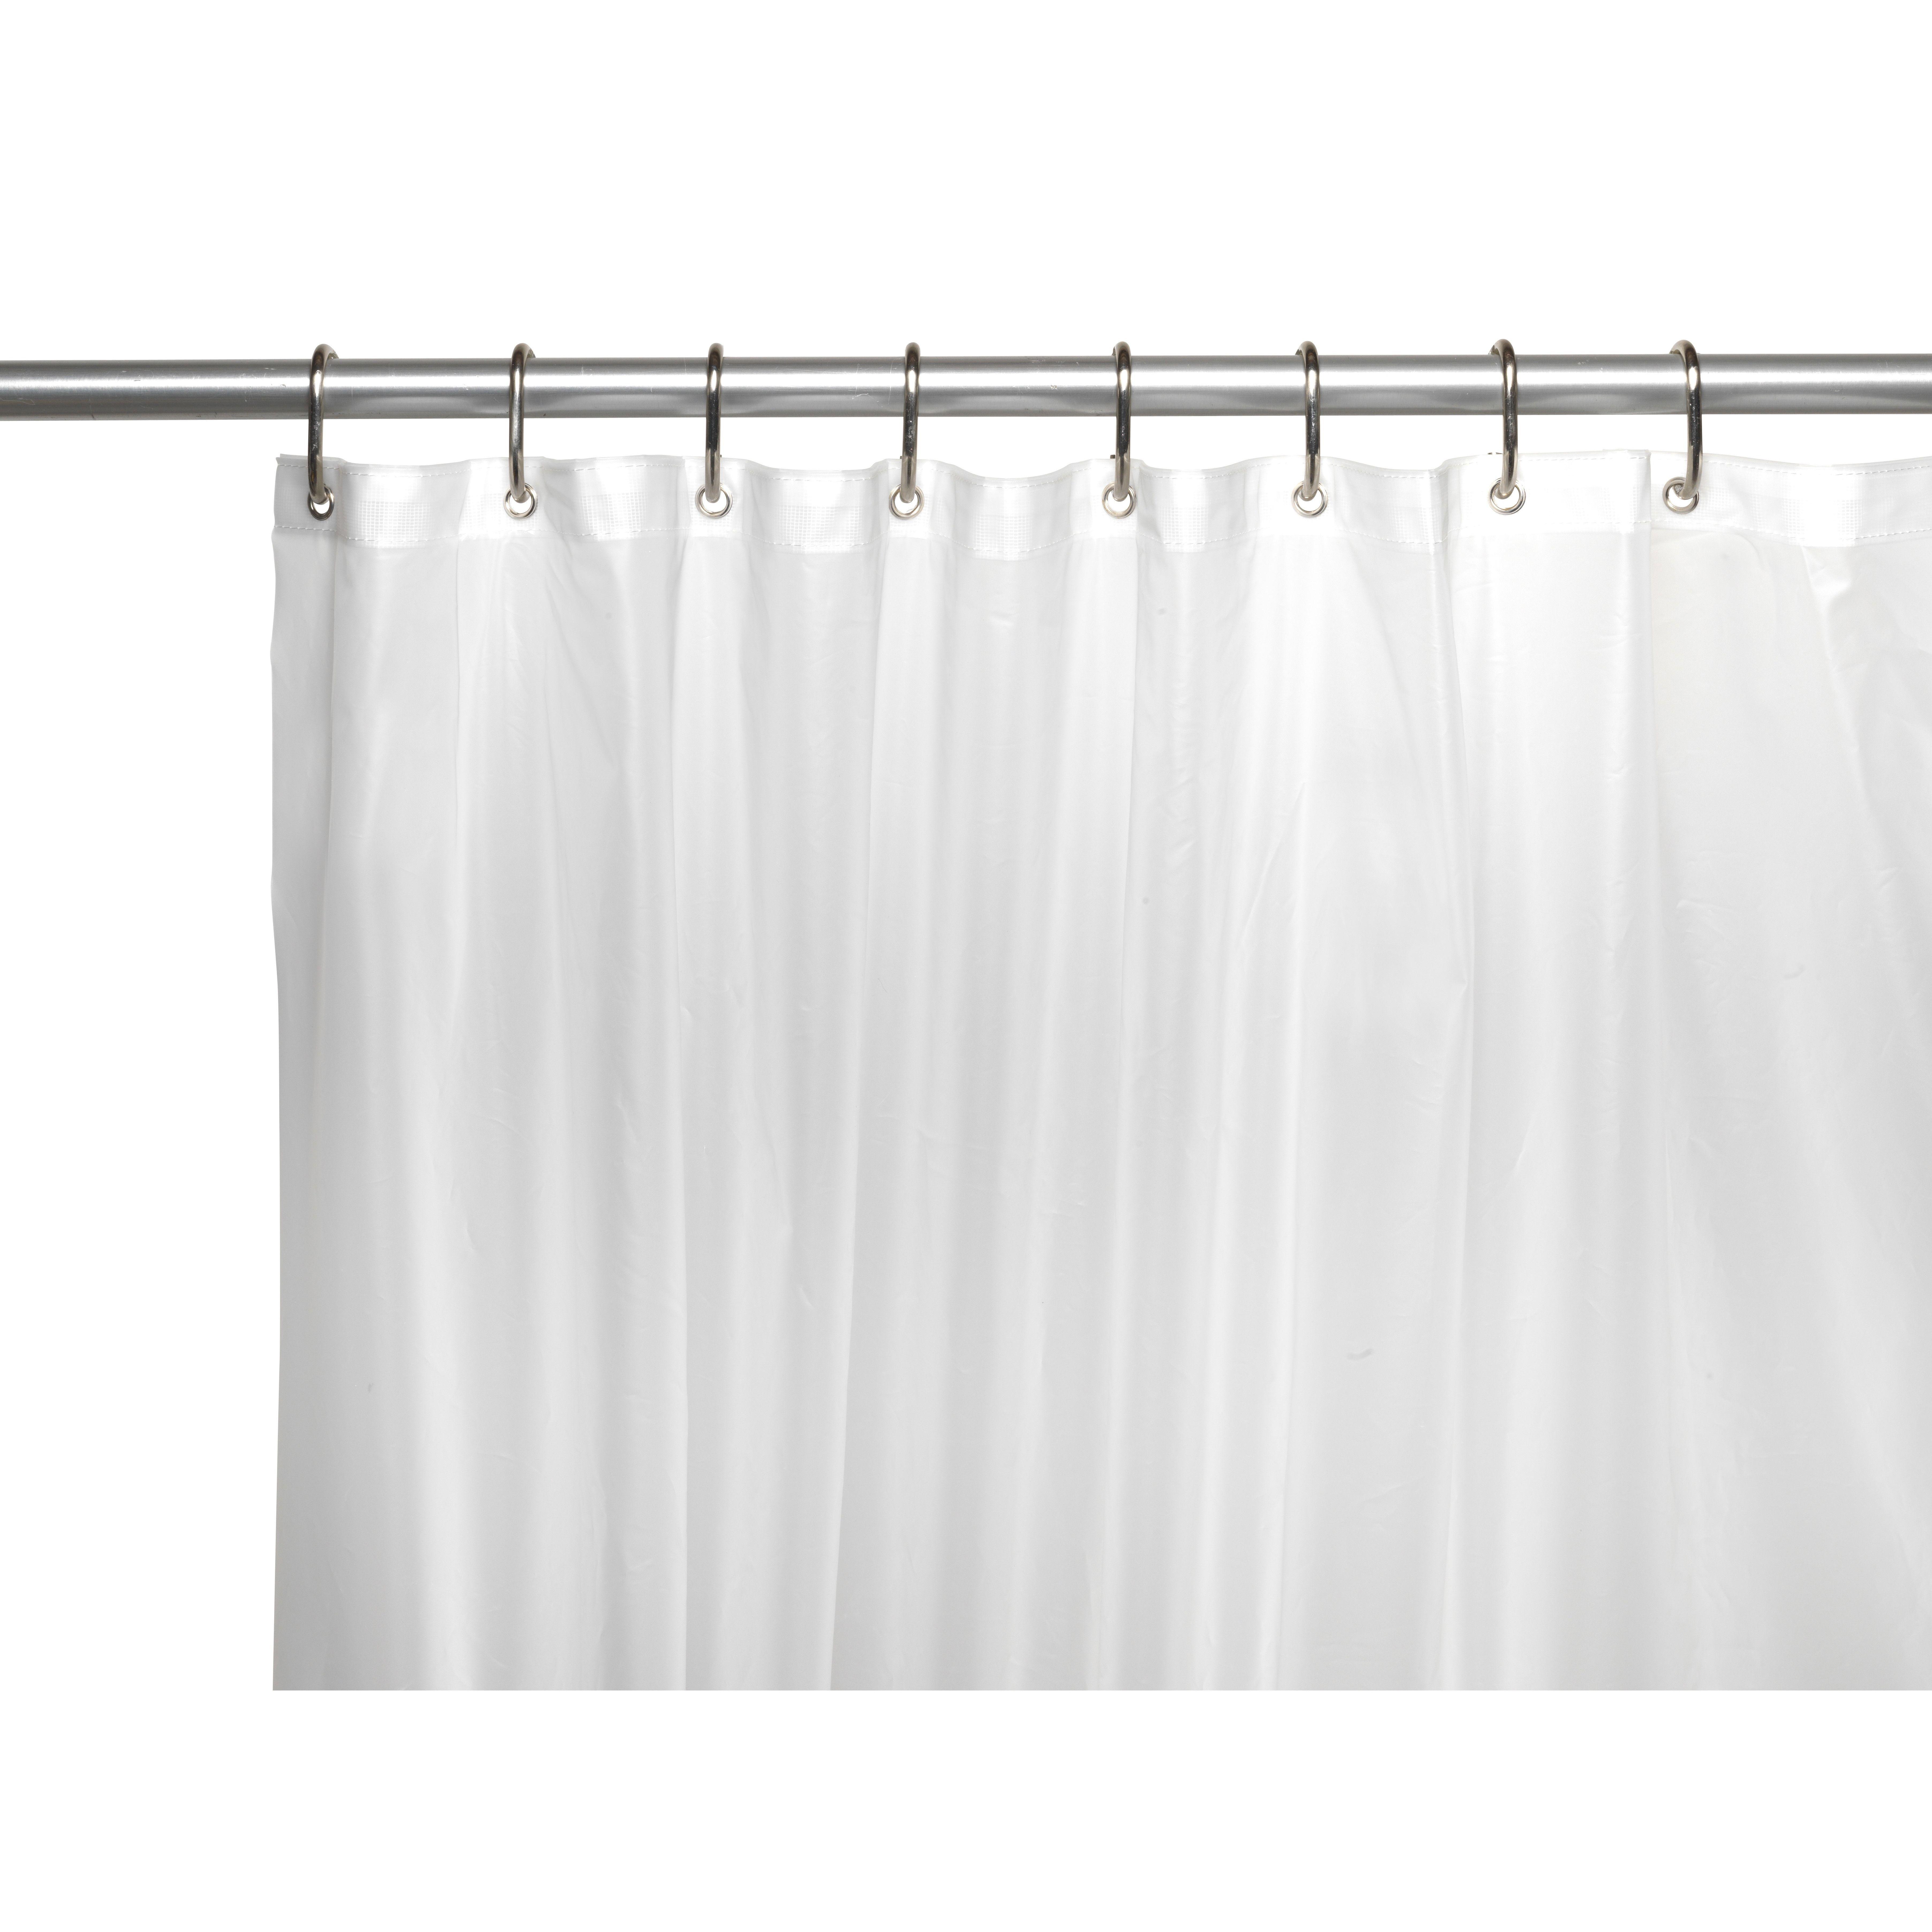 Safe Shower Curtain Liner